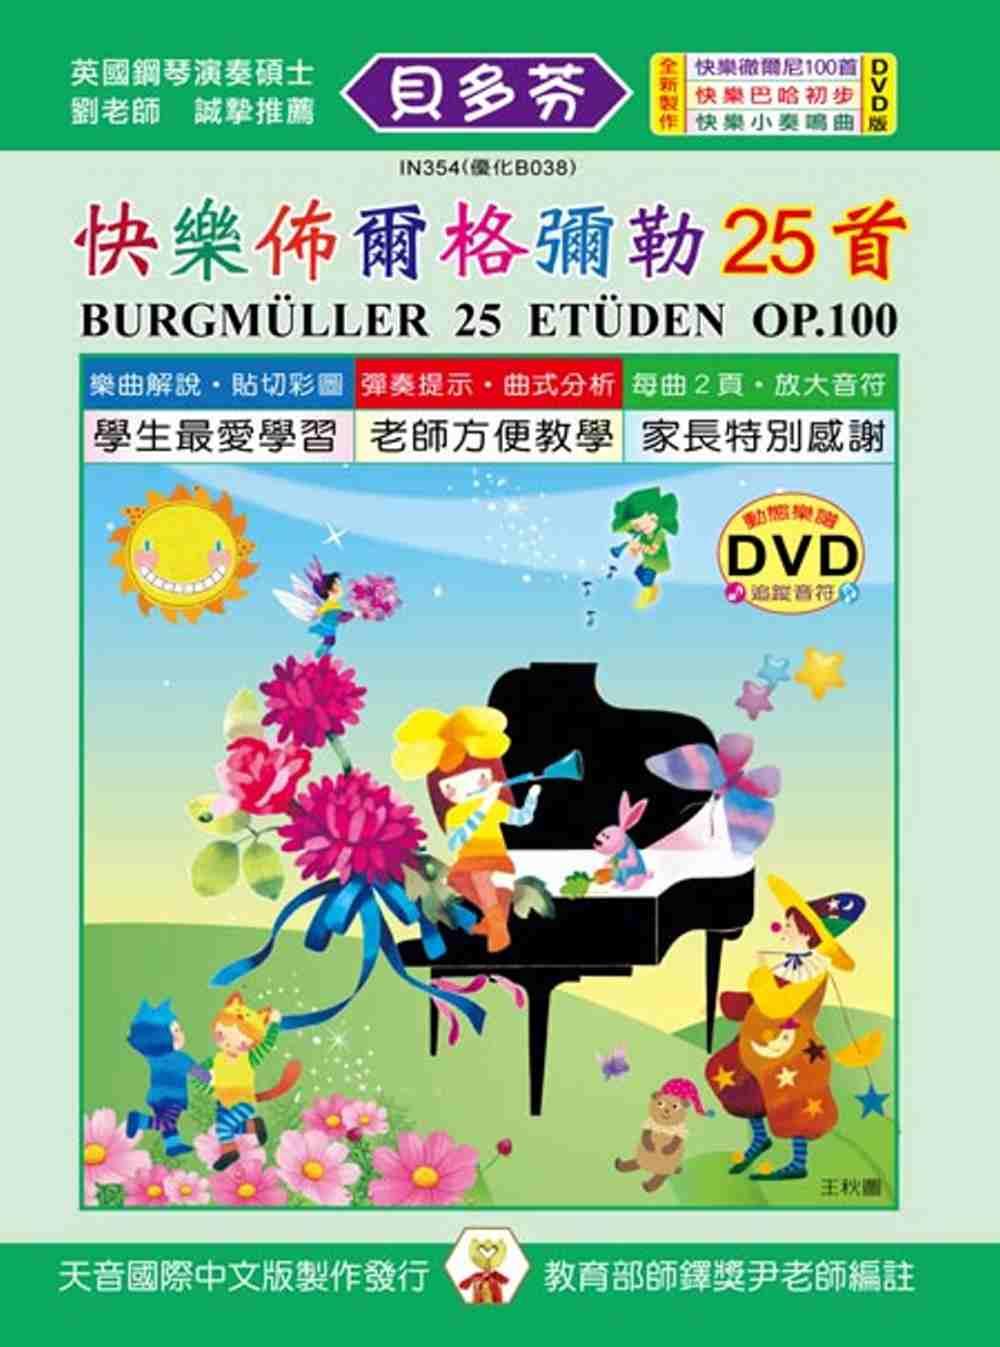 <貝多芬>快樂佈爾格彌勒25首+DVD